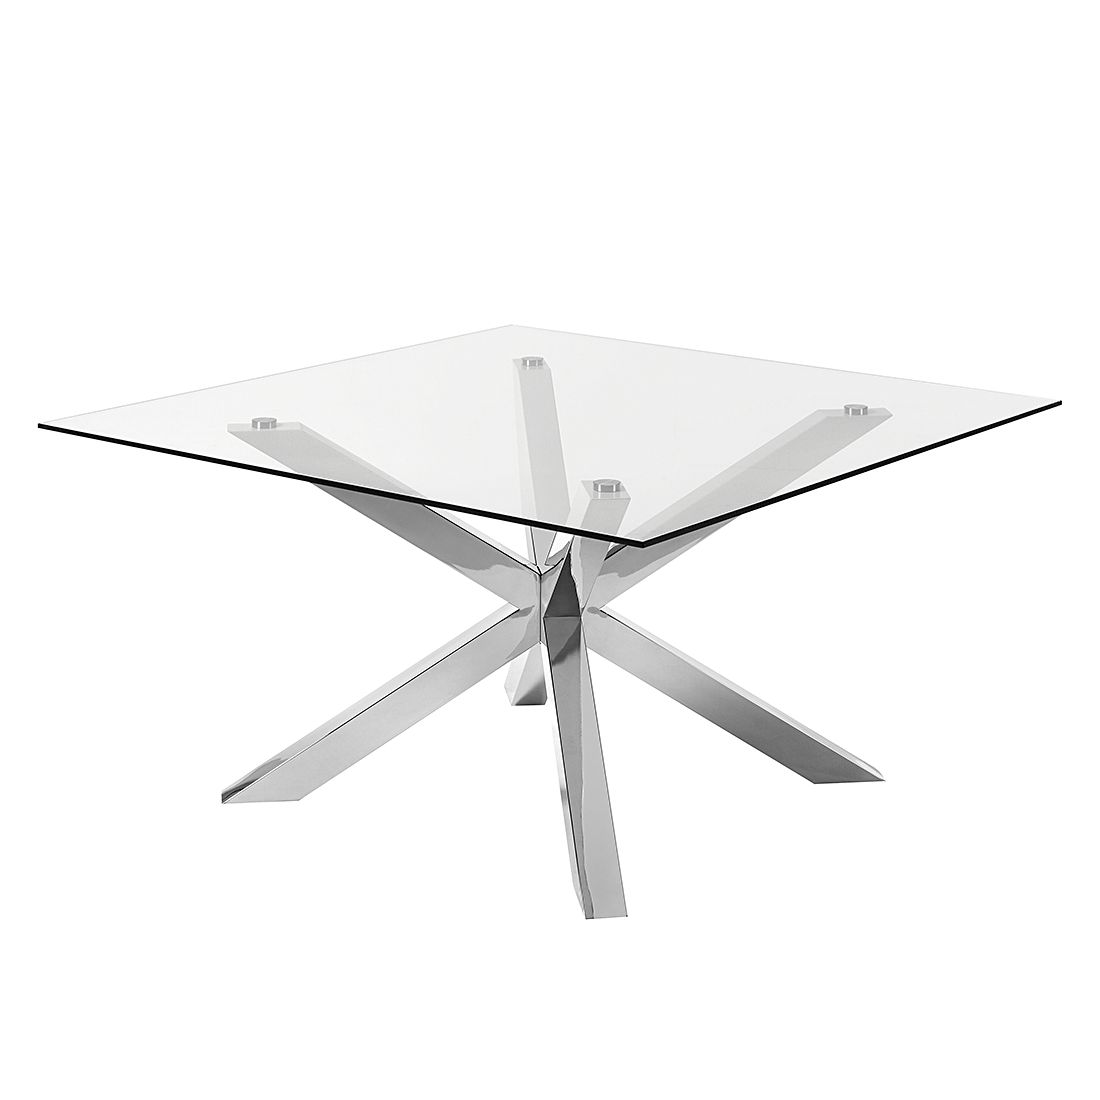 Table à manger Pinuccia - Verre clair / Acier inoxydable, Fredriks